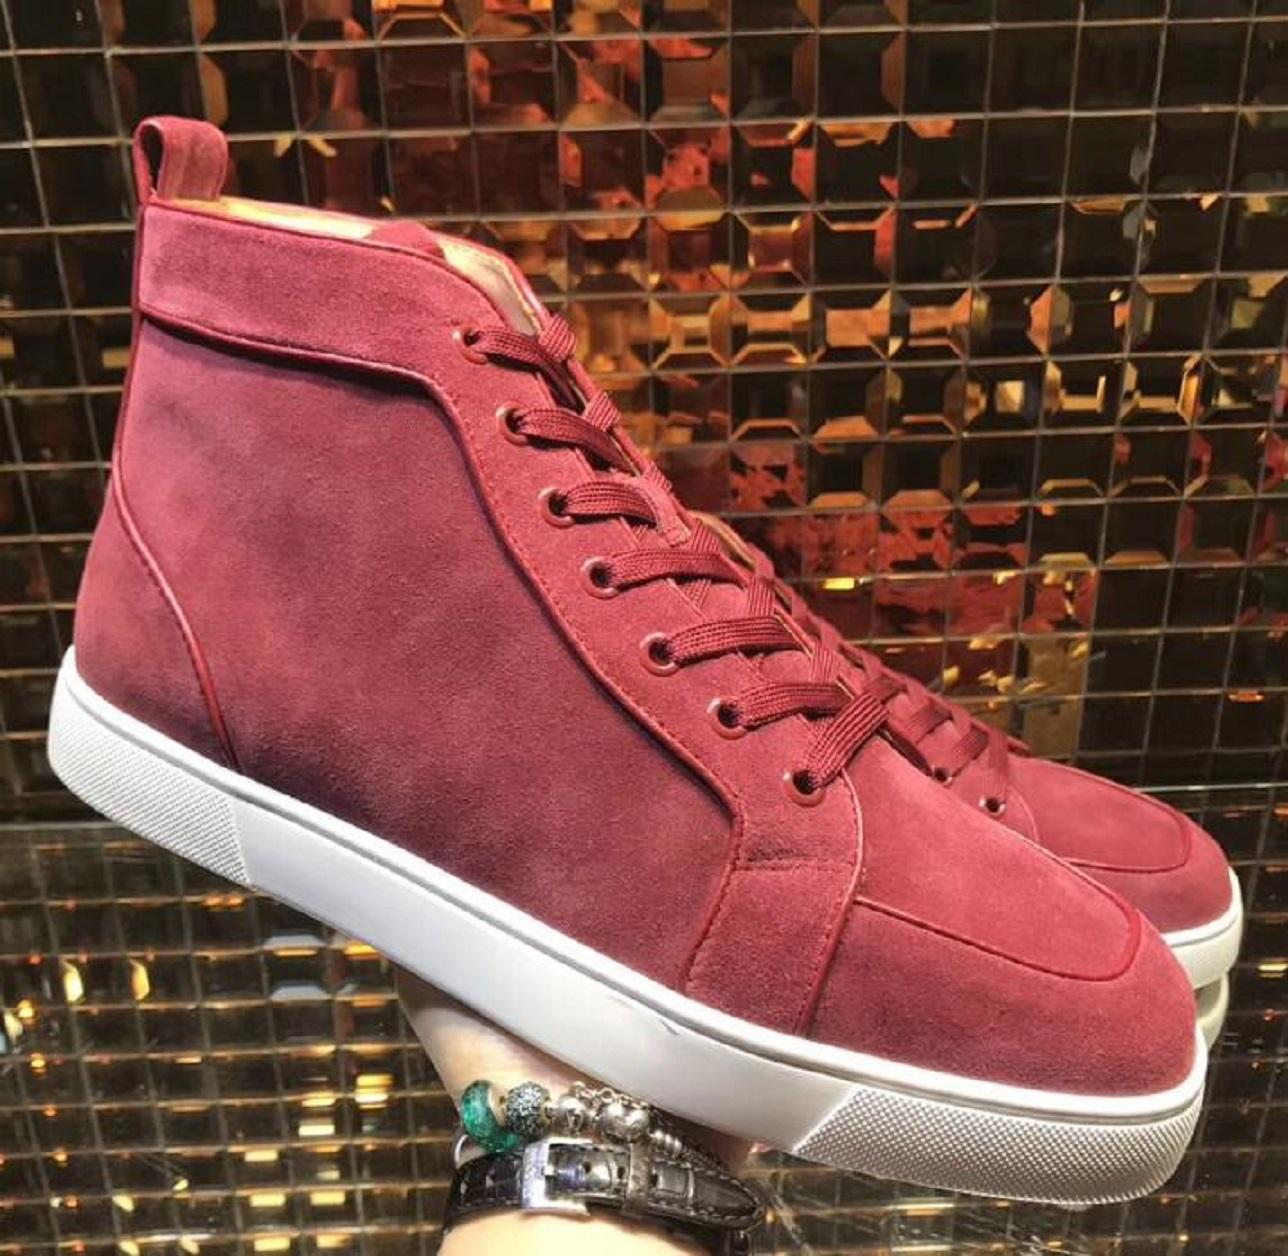 Faça no Fundo de couro Super Qualidade Sports Sneakers Red Canvas Gray Flats Baixo Homens Corte de Homens Júnior lona tênis estilo Trainers